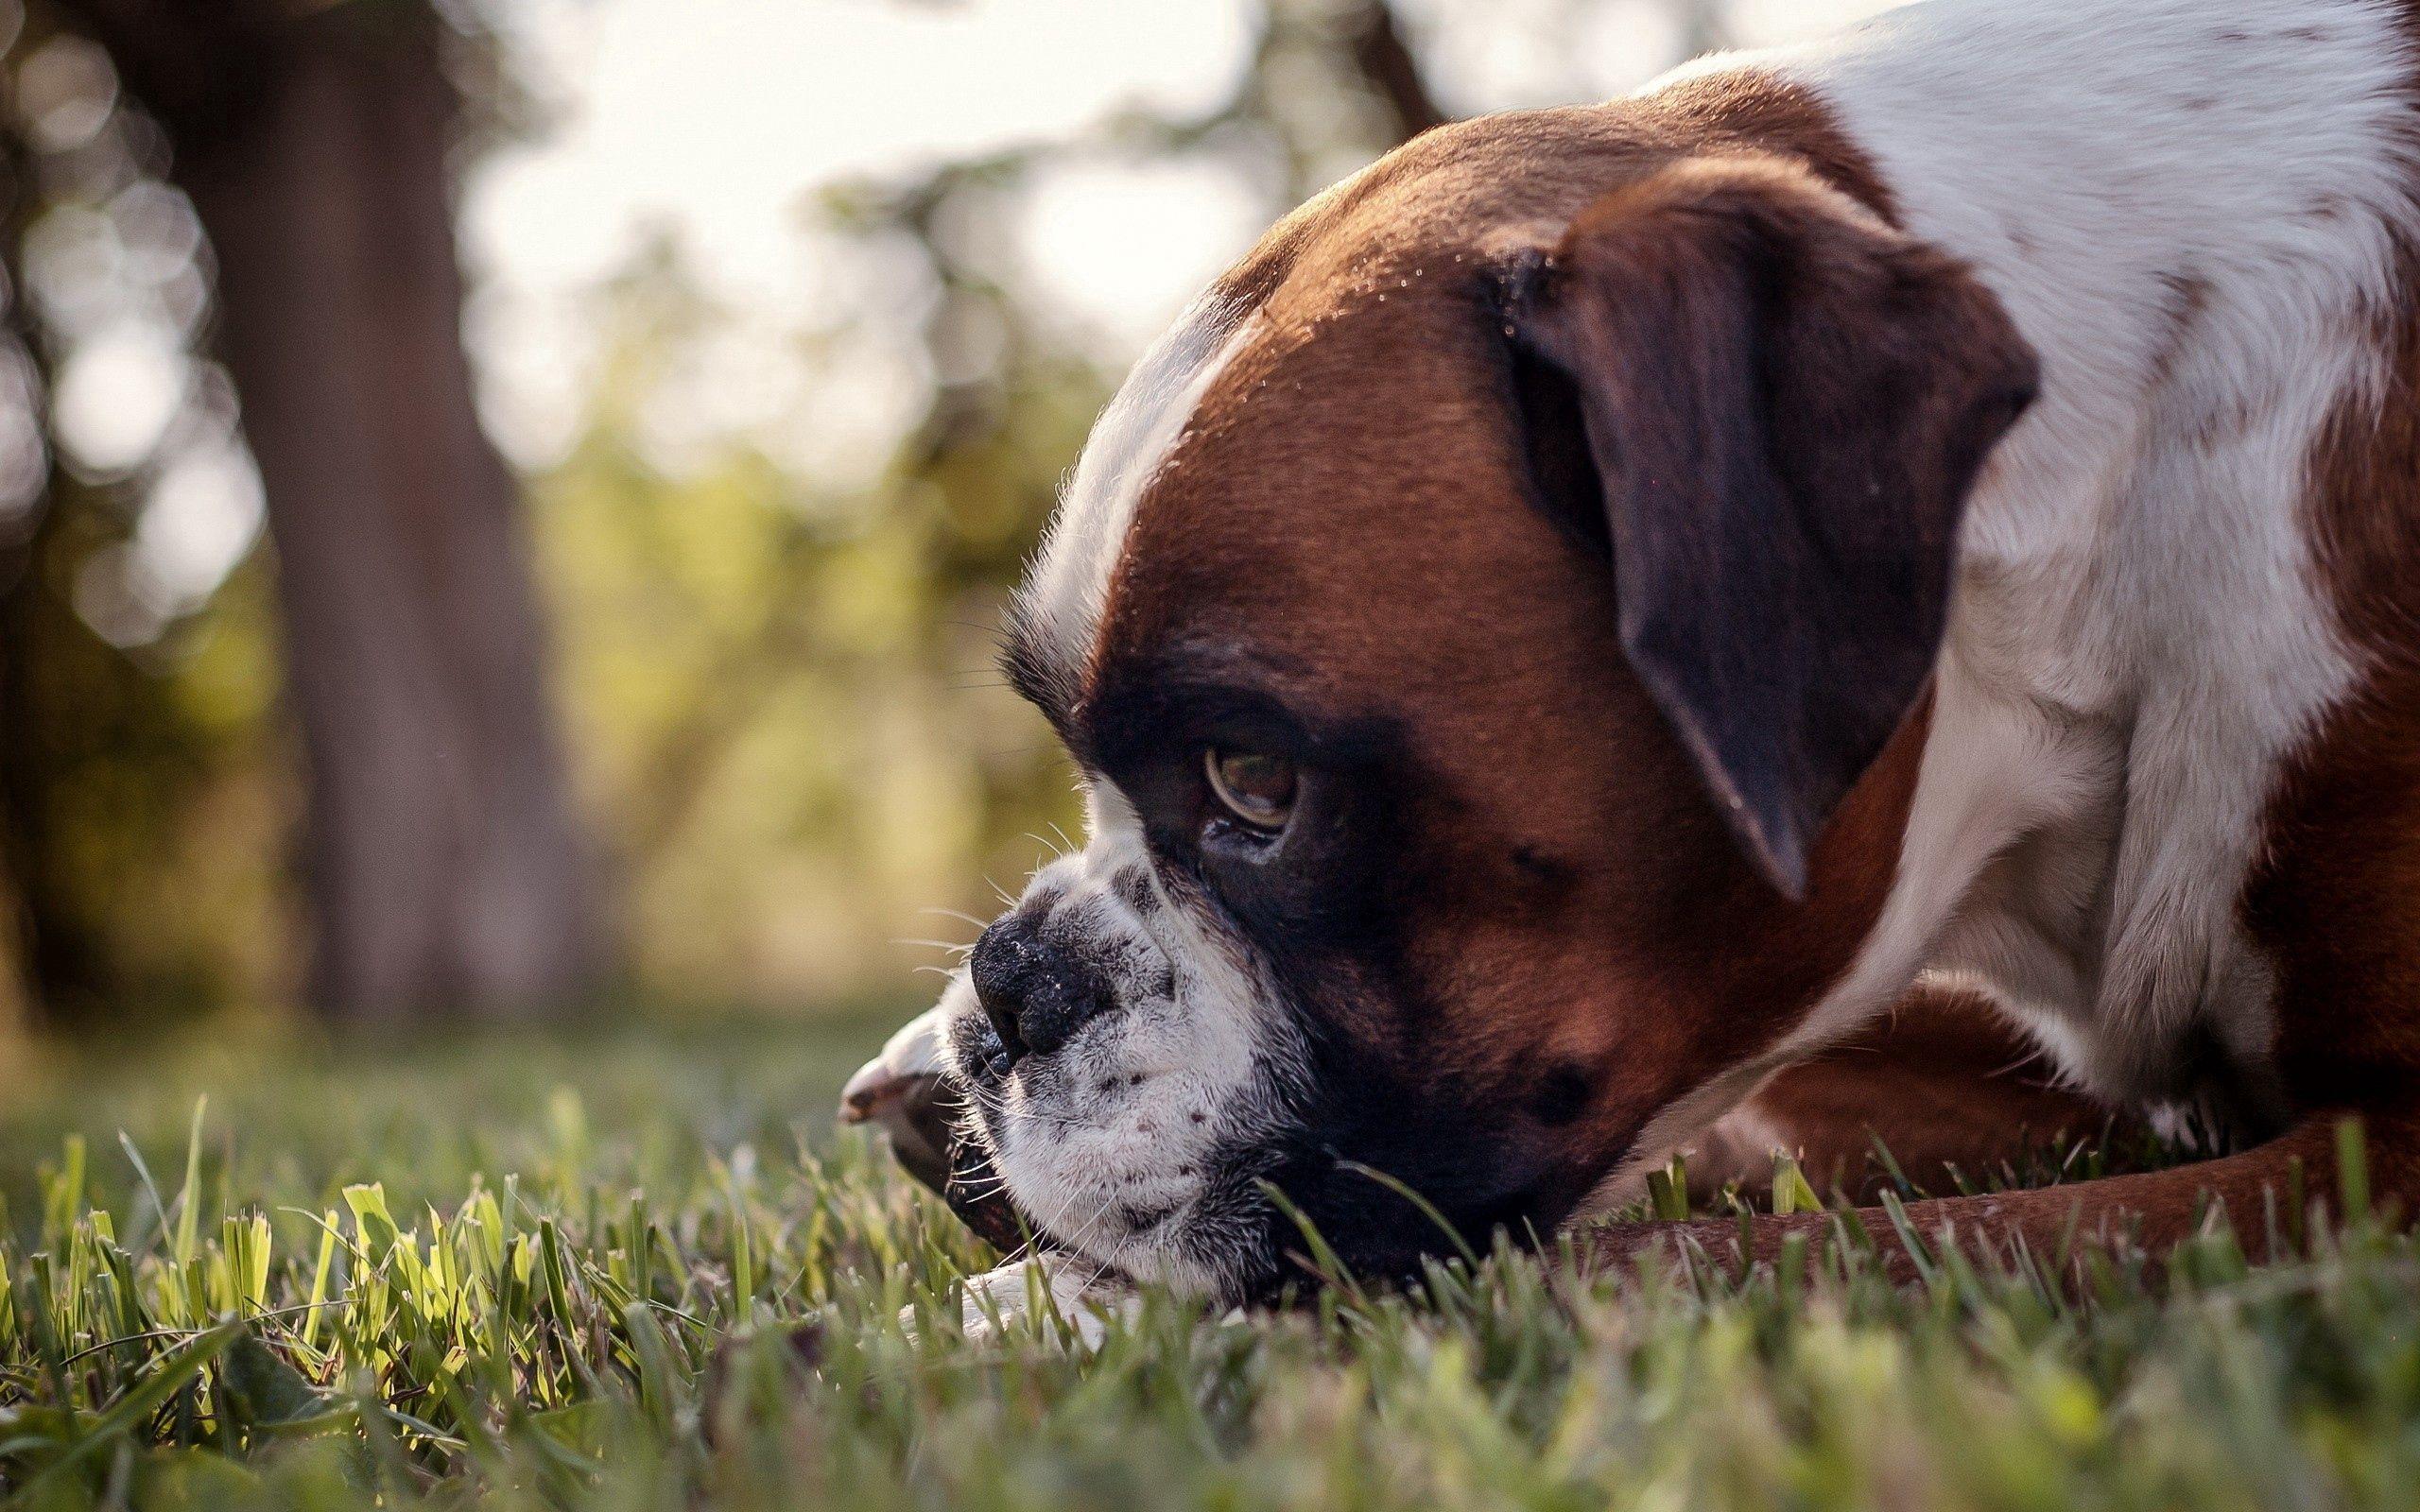 138654 скачать обои Животные, Собака, Морда, Профиль, Трава - заставки и картинки бесплатно